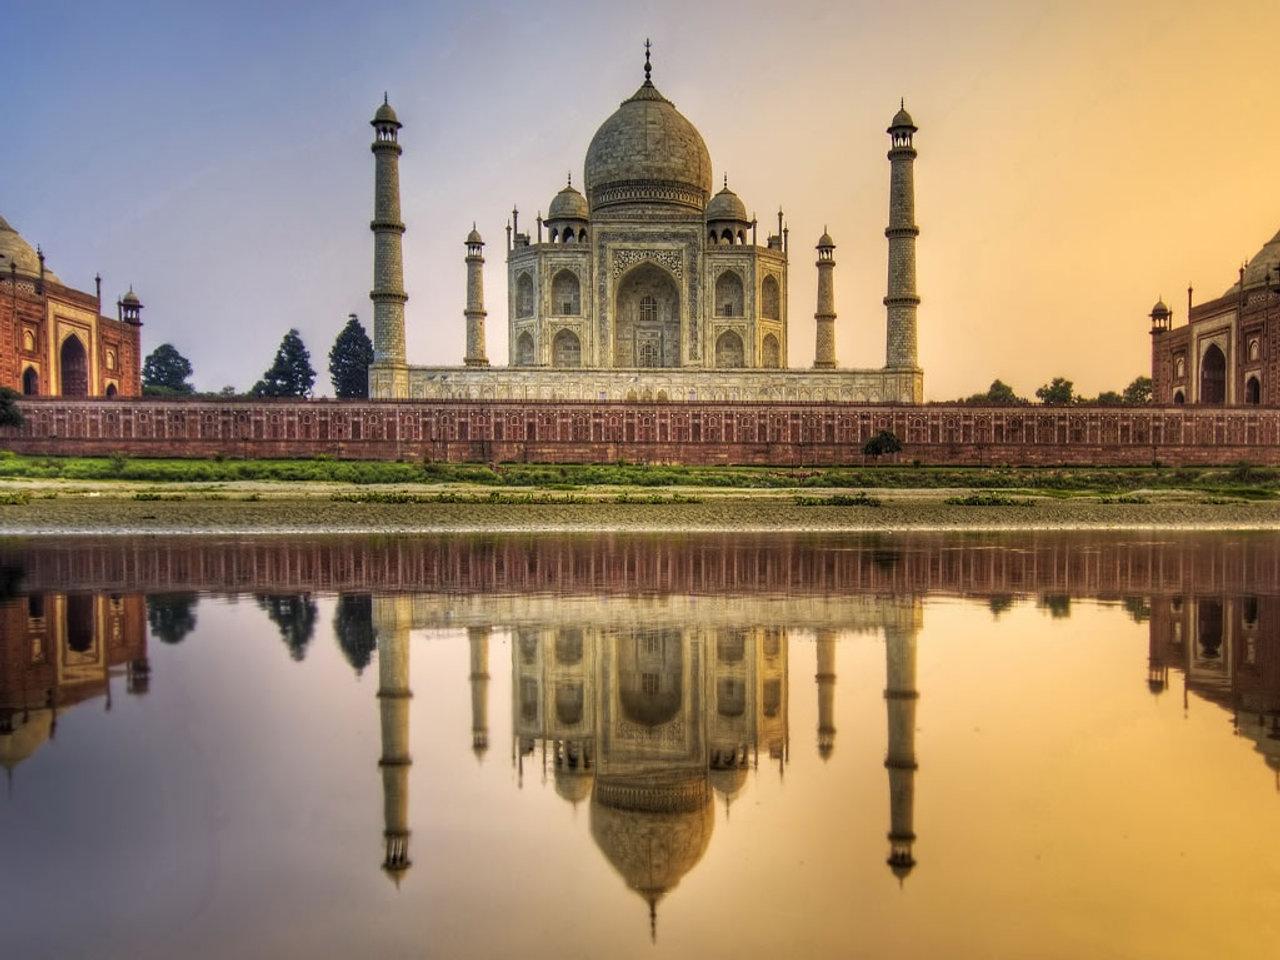 صورة اجمل الصور الاسلامية في العالم , صور اهم المعالم الاسلامية